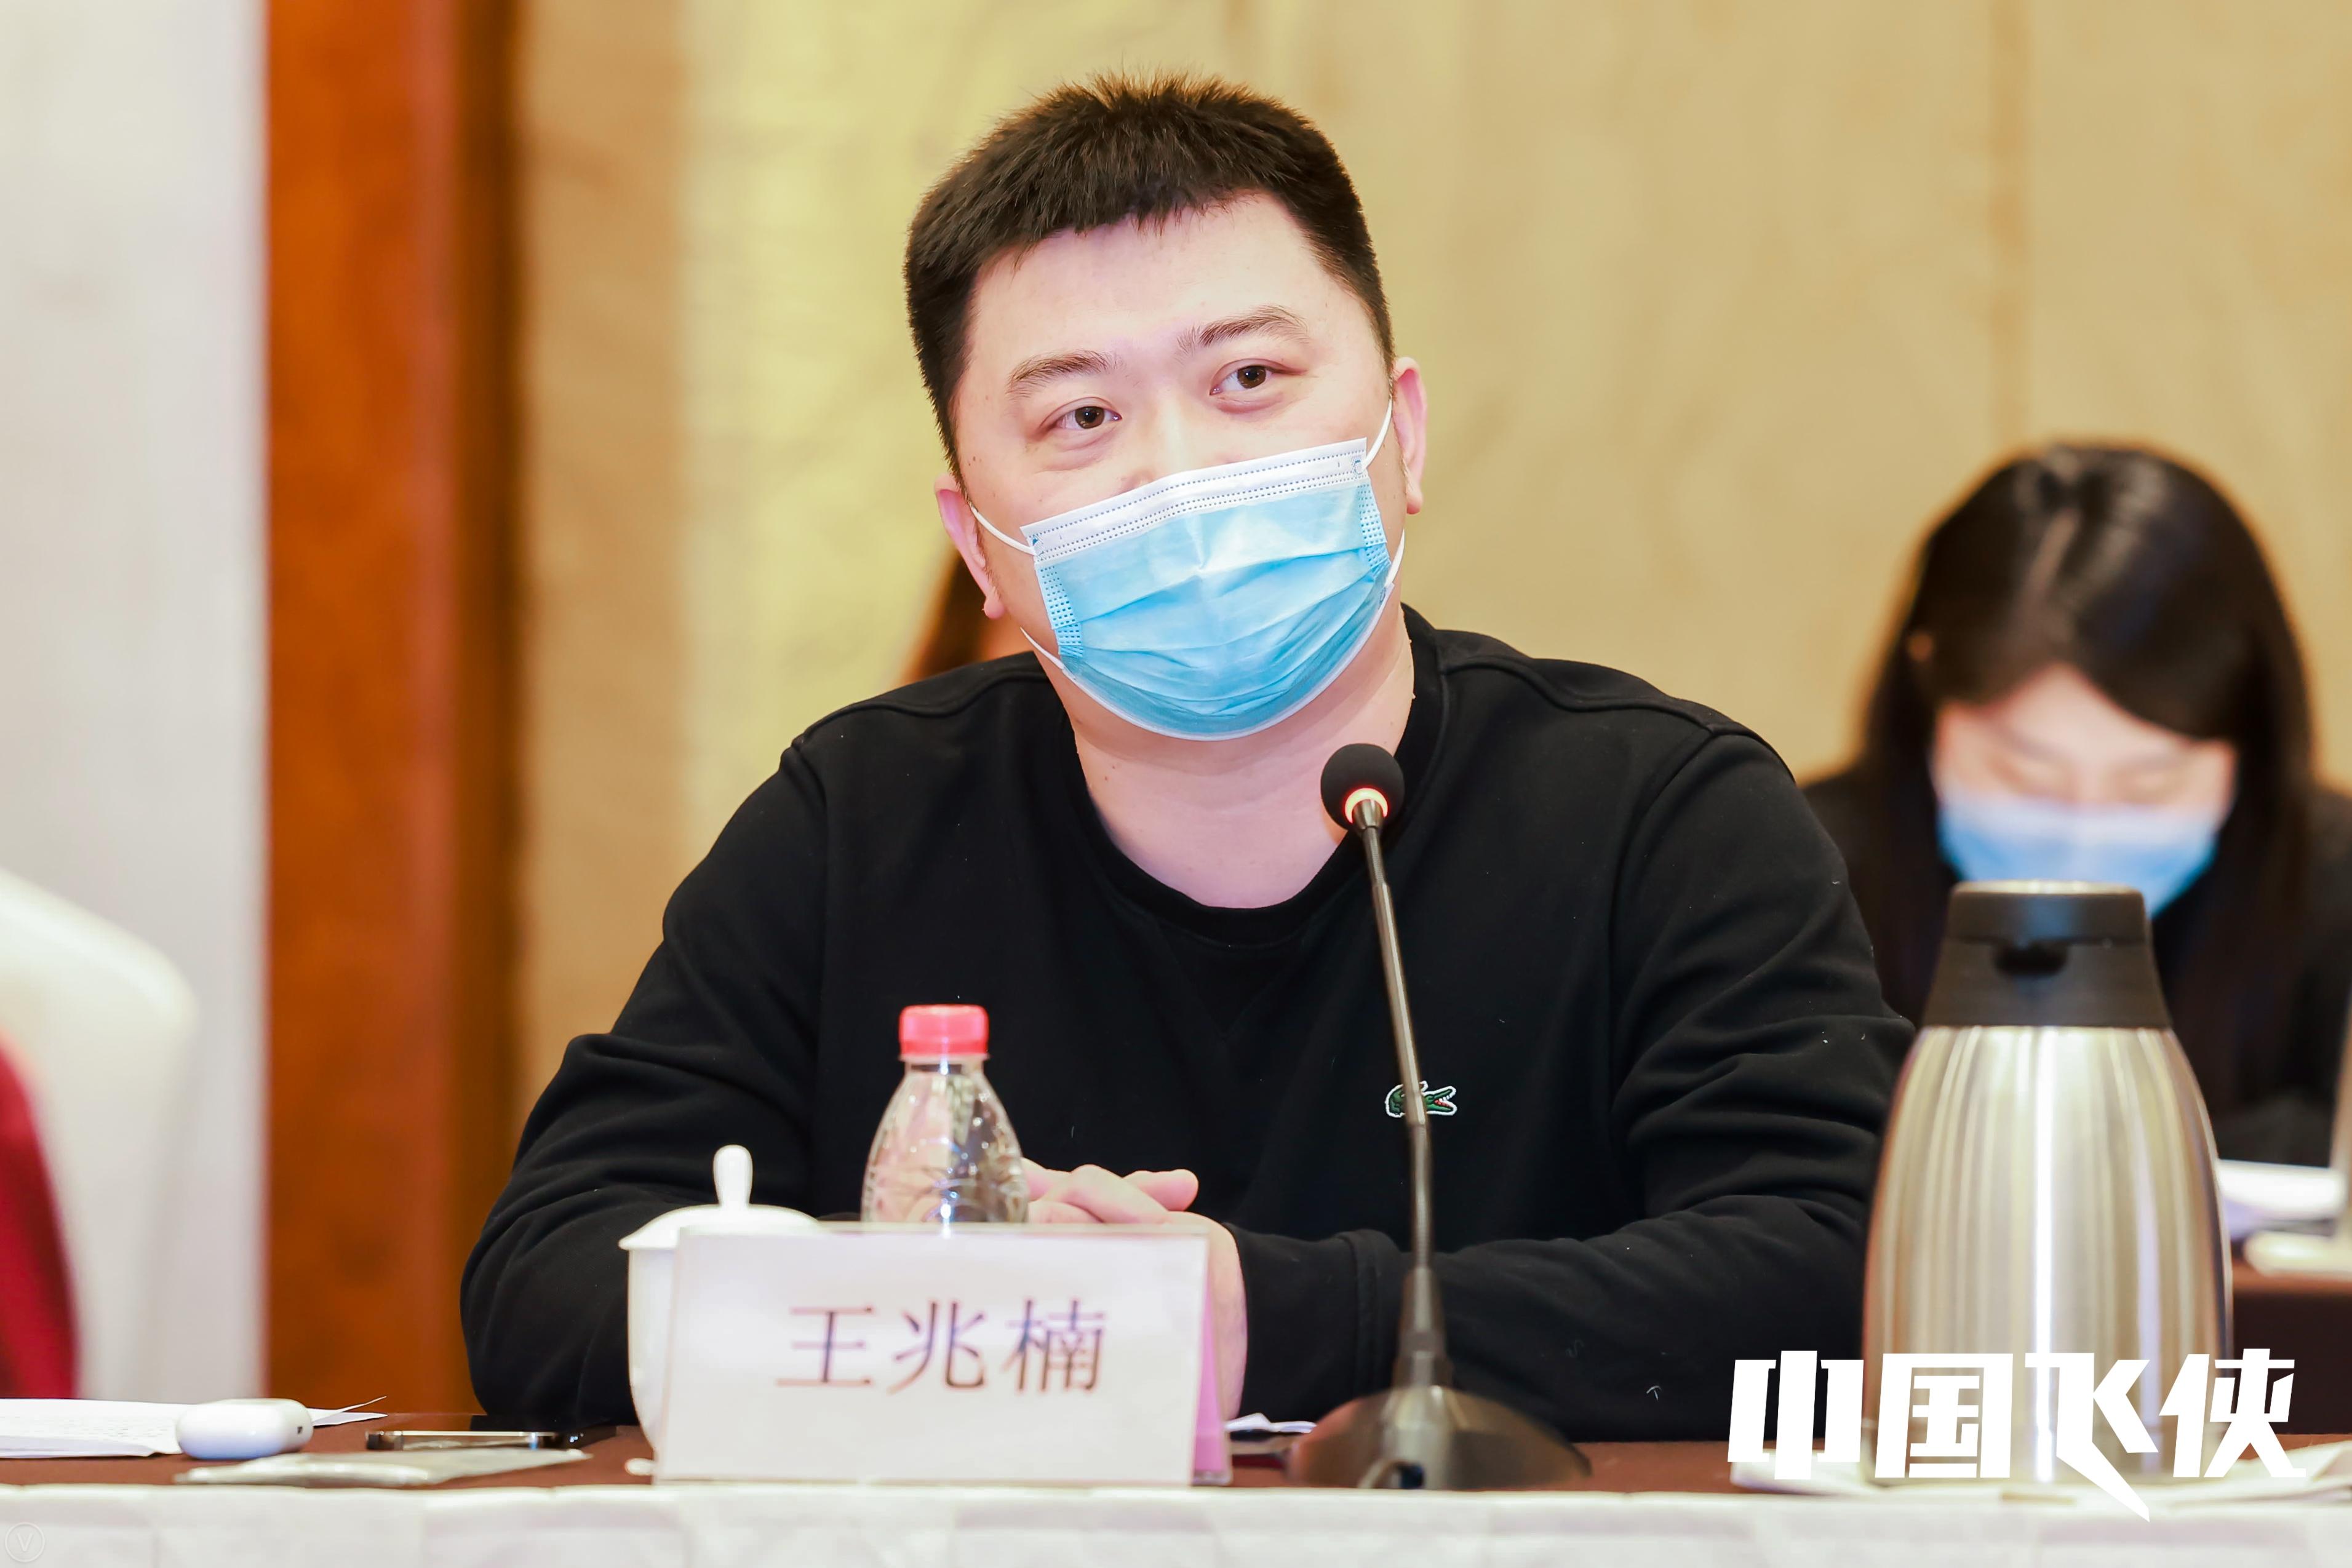 爱奇艺副总裁、总编辑王兆楠